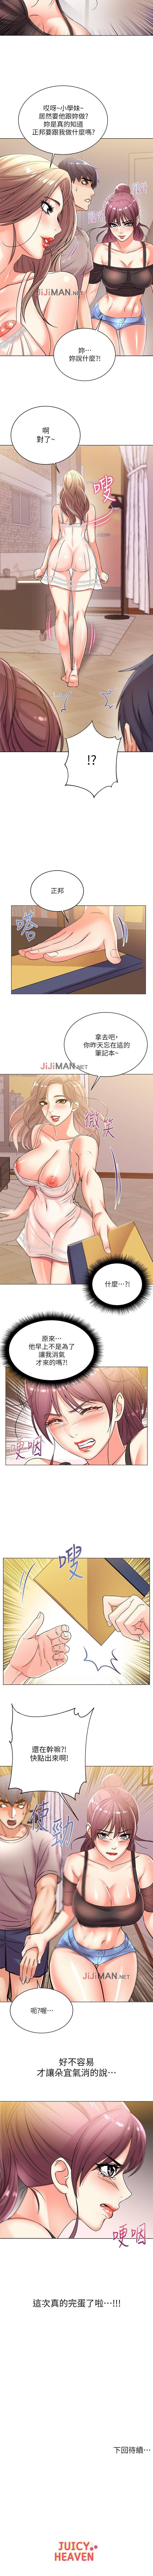 【周三连载】超市的漂亮姐姐(作者:北鼻&逃兵) 第1~20话 123